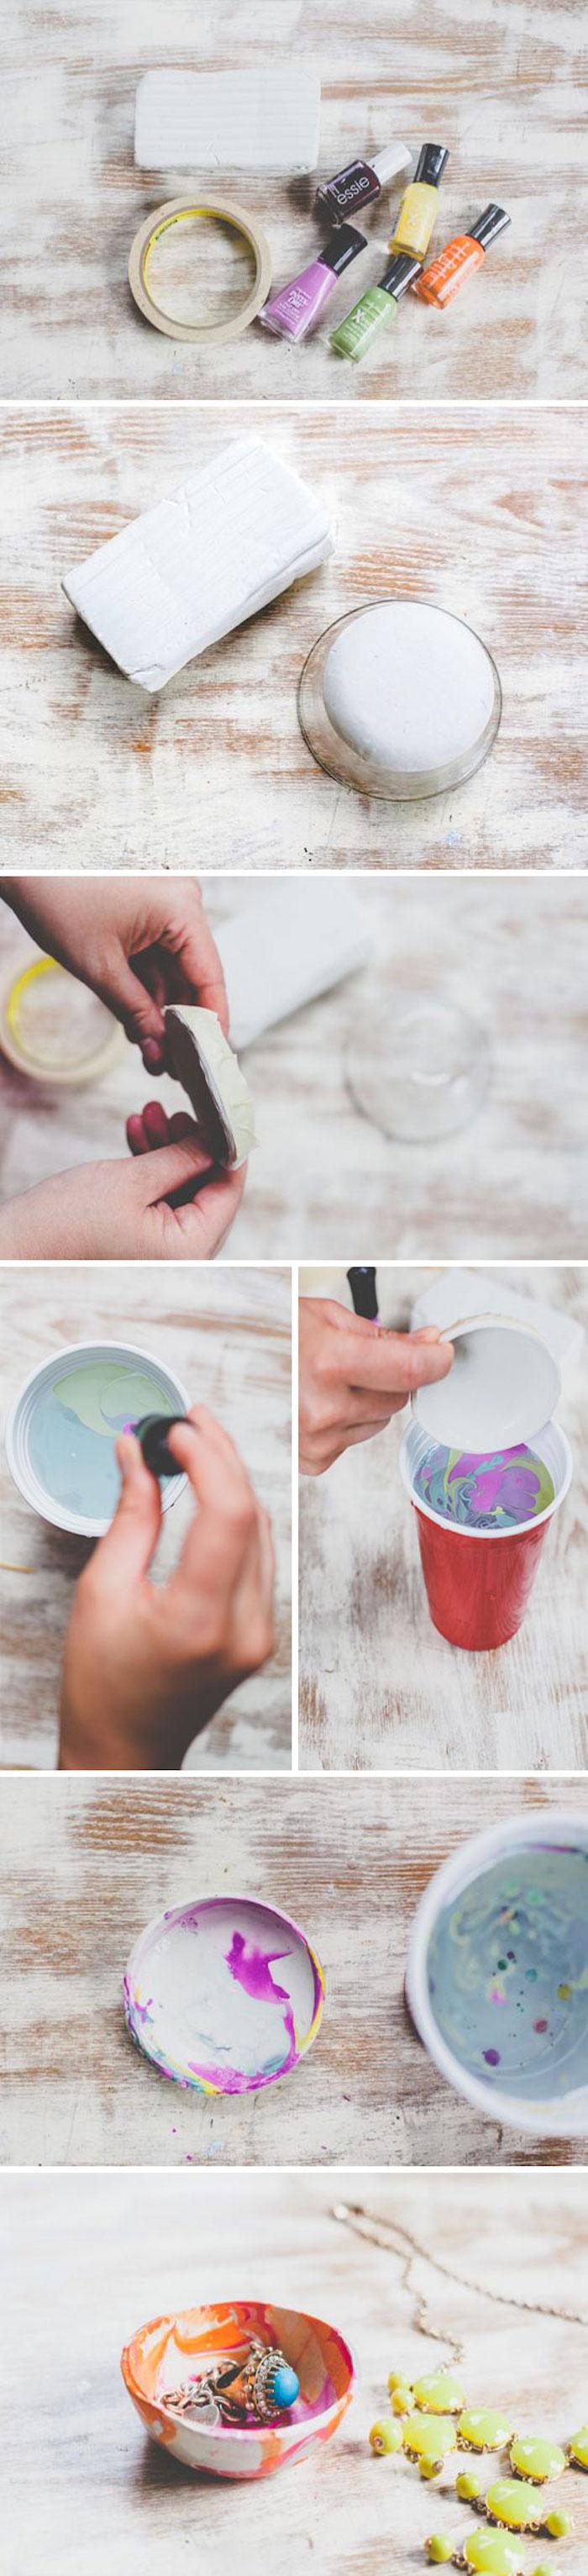 coupelle à bijoux customisée à vernis à ongle motif marbre coloré, idée rangement bijou à faire comme cadeau a faire soi meme pour anniversaire